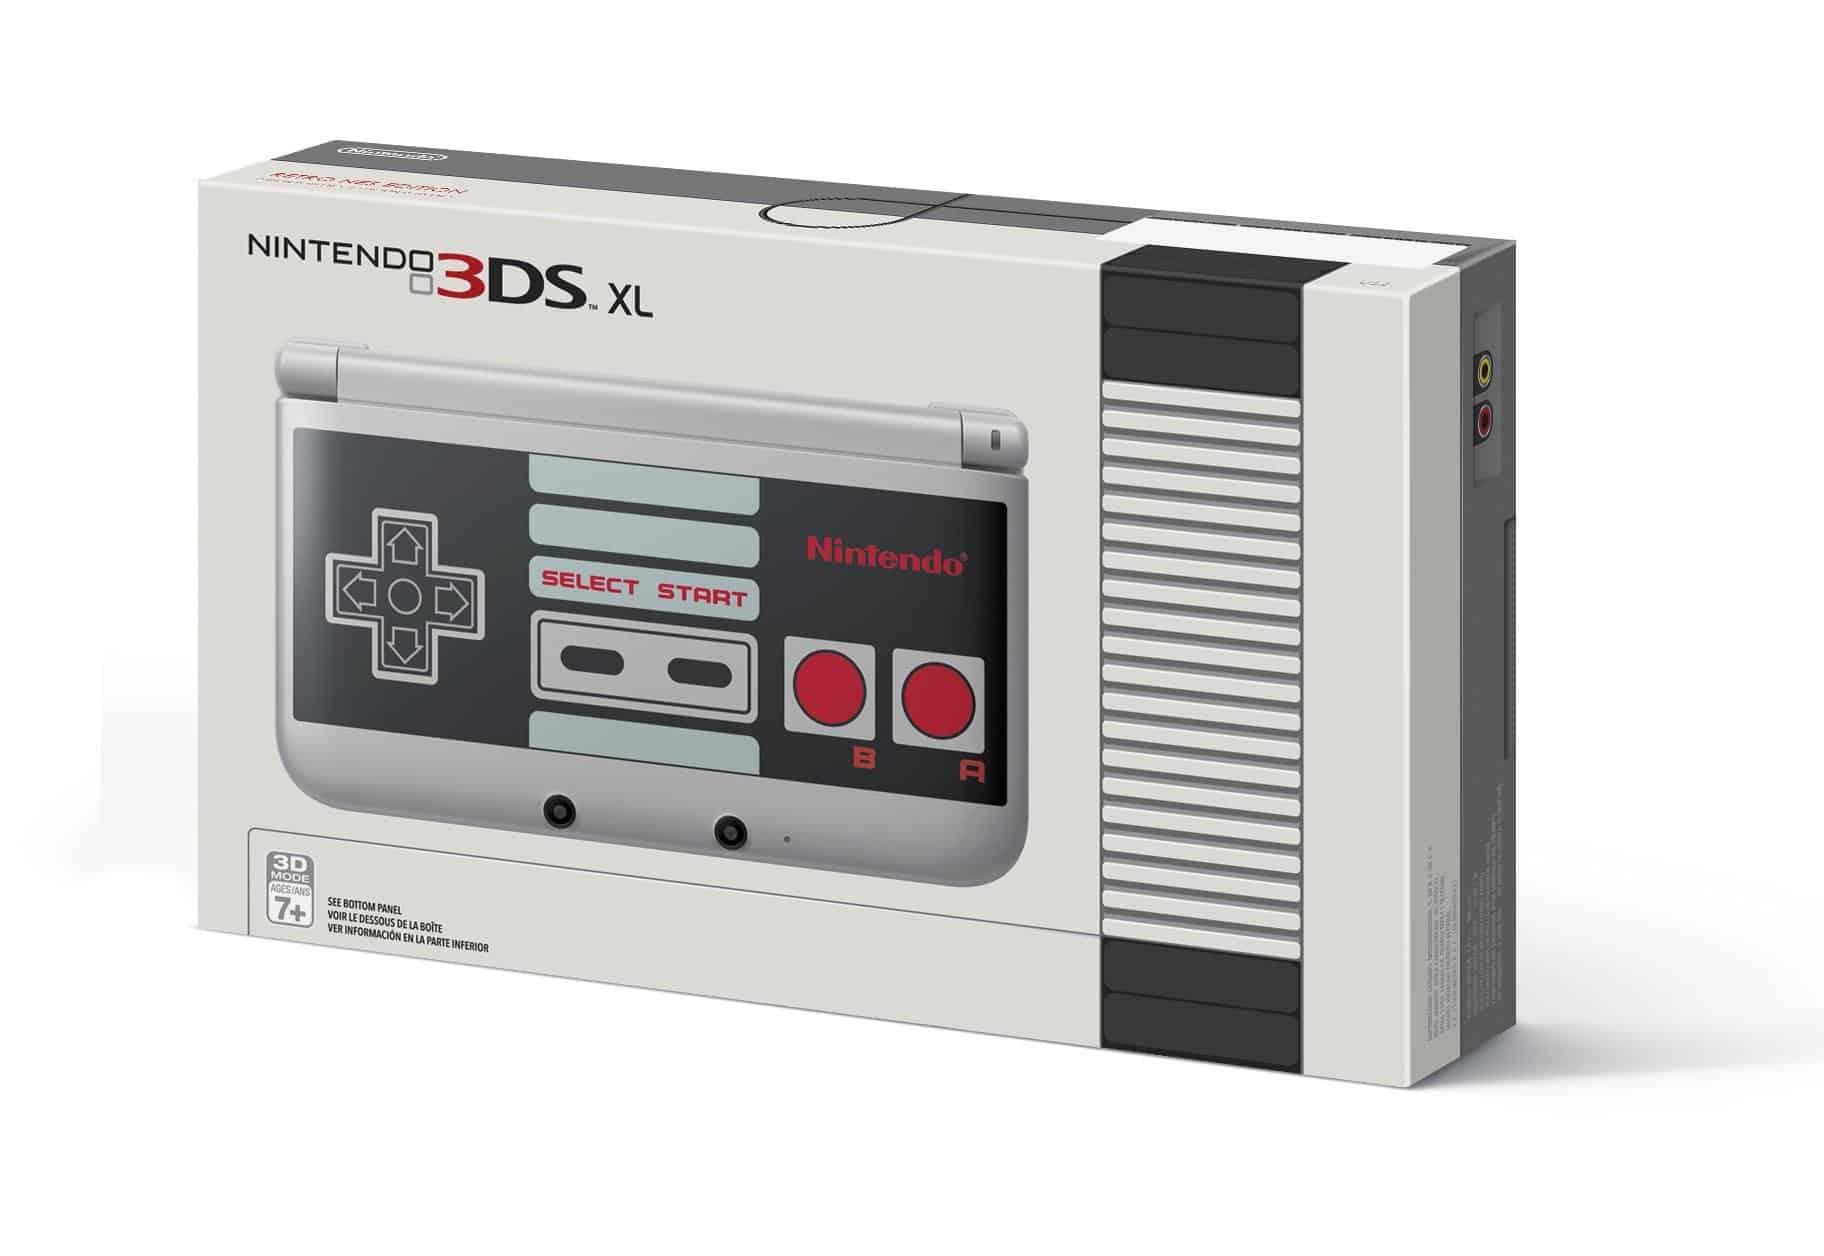 Nintendo 3DS NES Edition costarán 199,99 dólares y sólo llegarán a Estados Unidos.